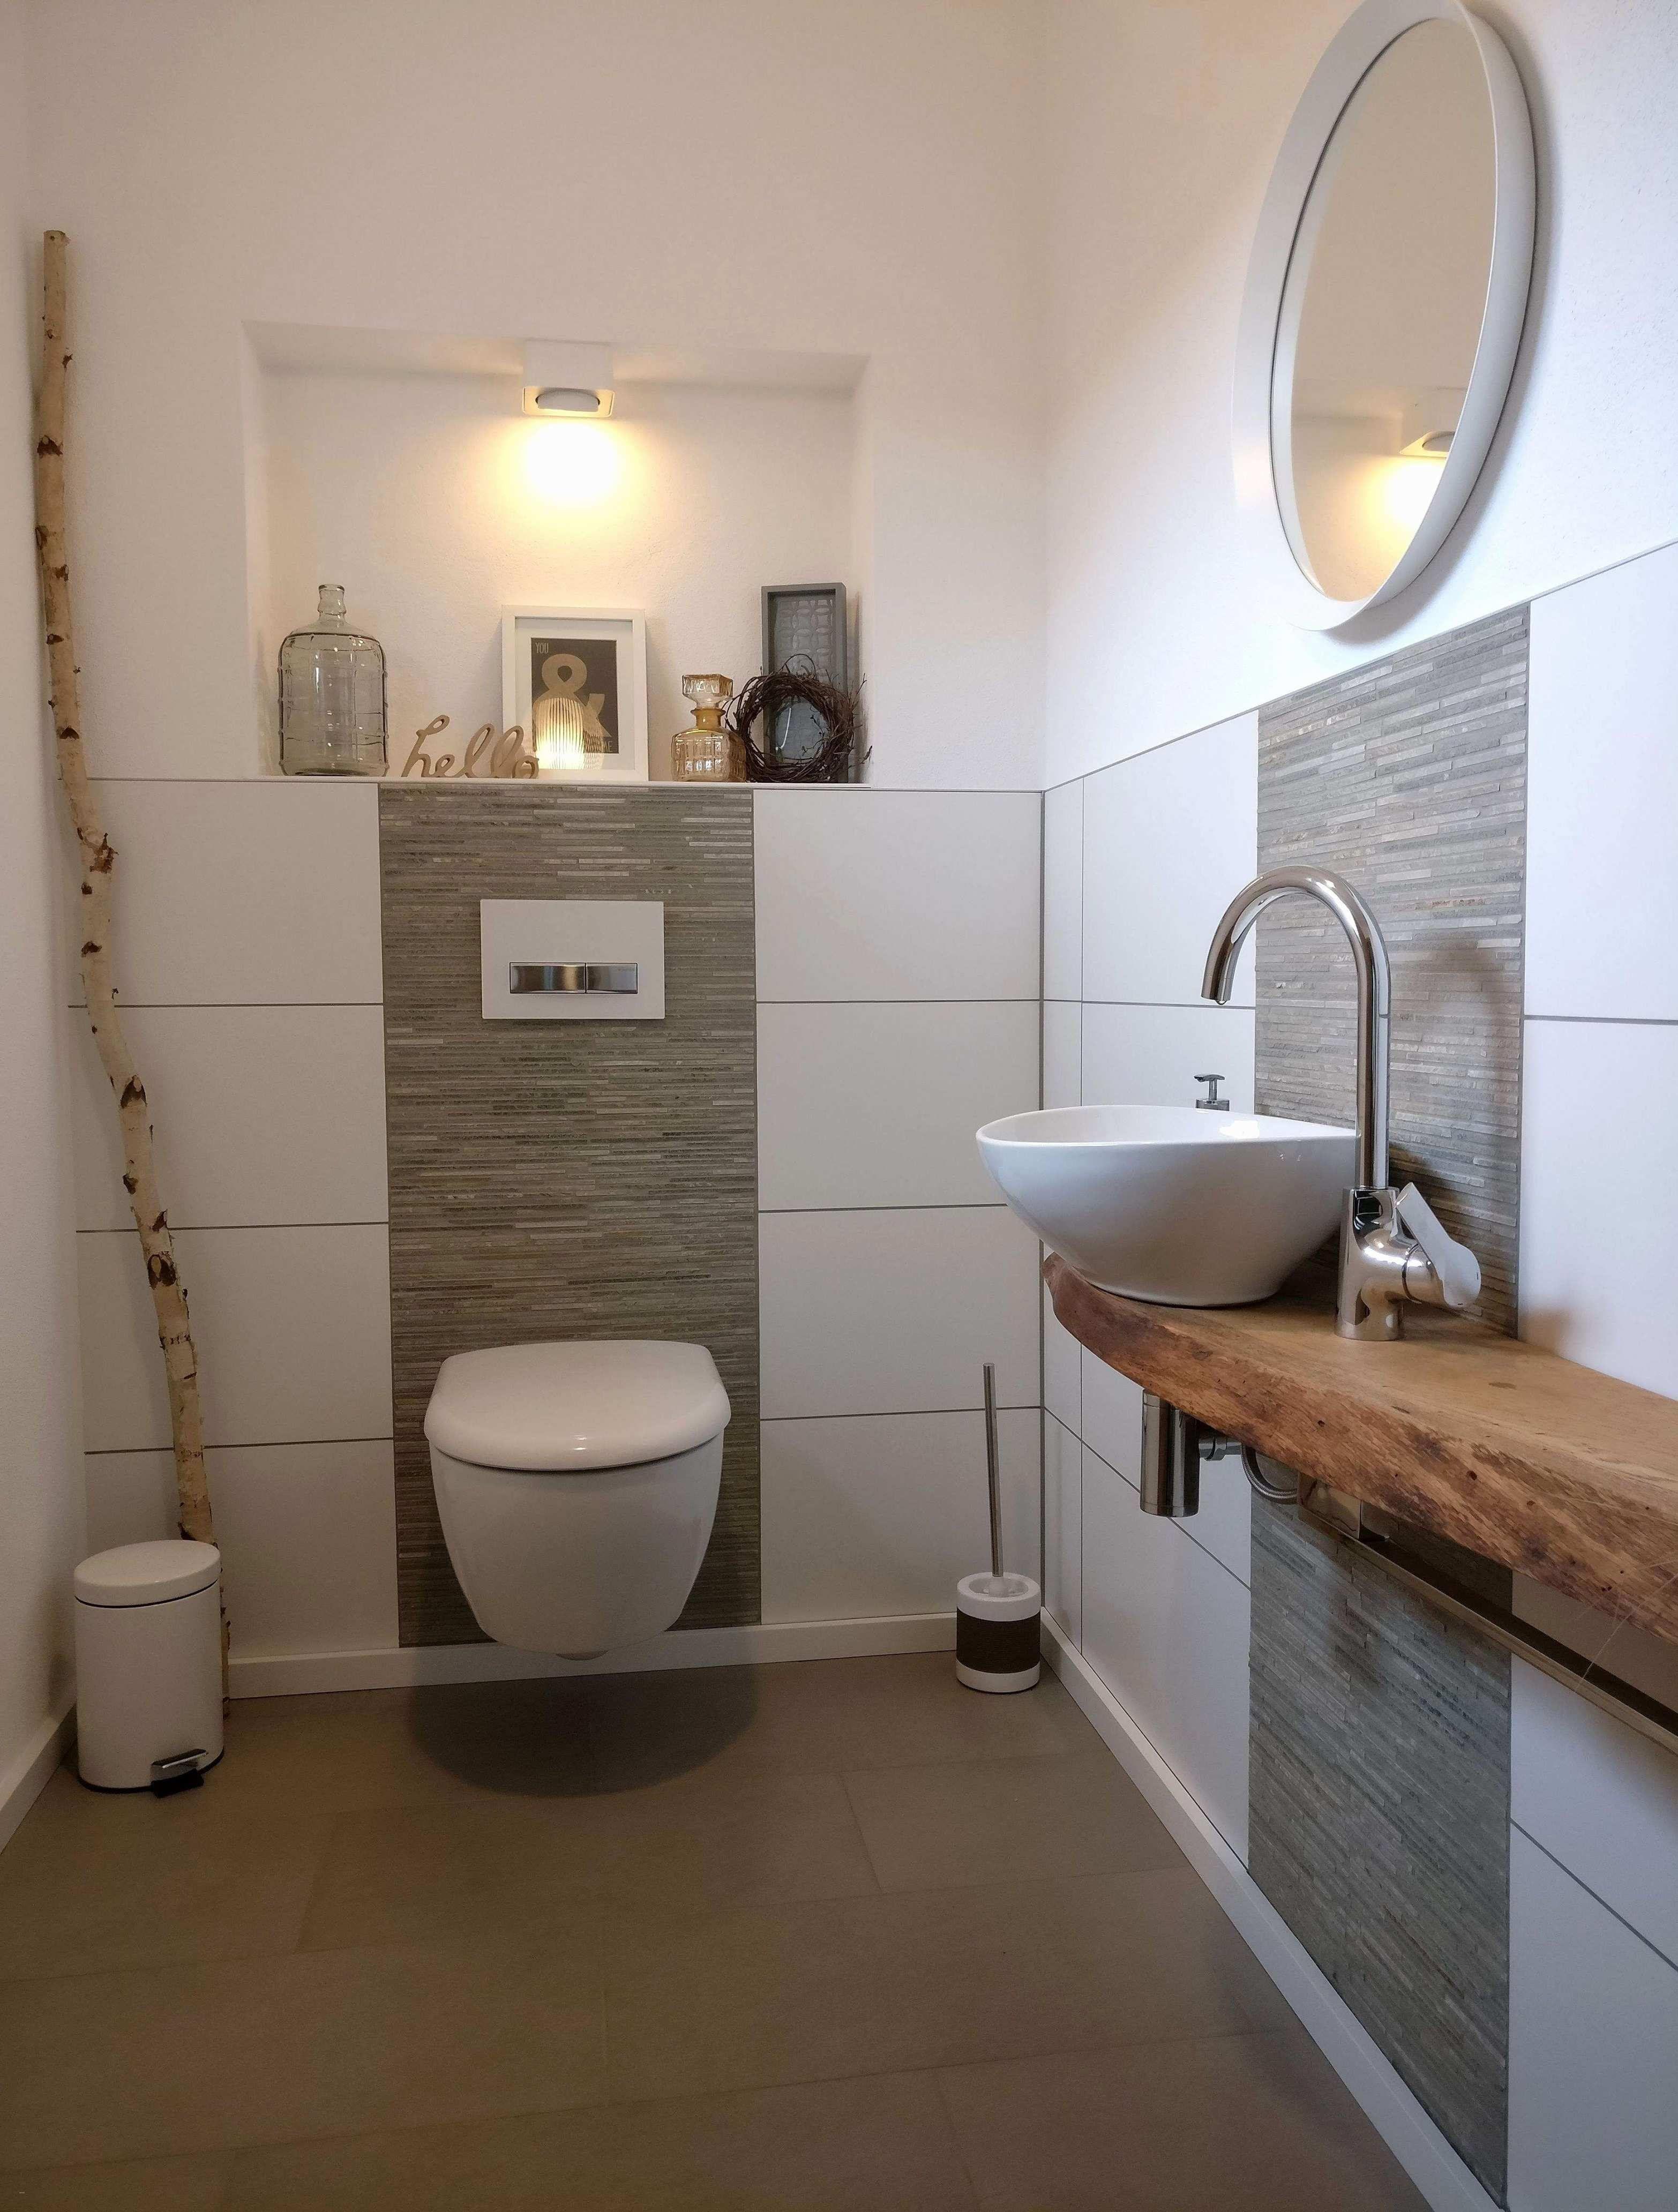 16 Kleines Bad Renovieren Vorher Nachher Wohndesign  Kleines bad